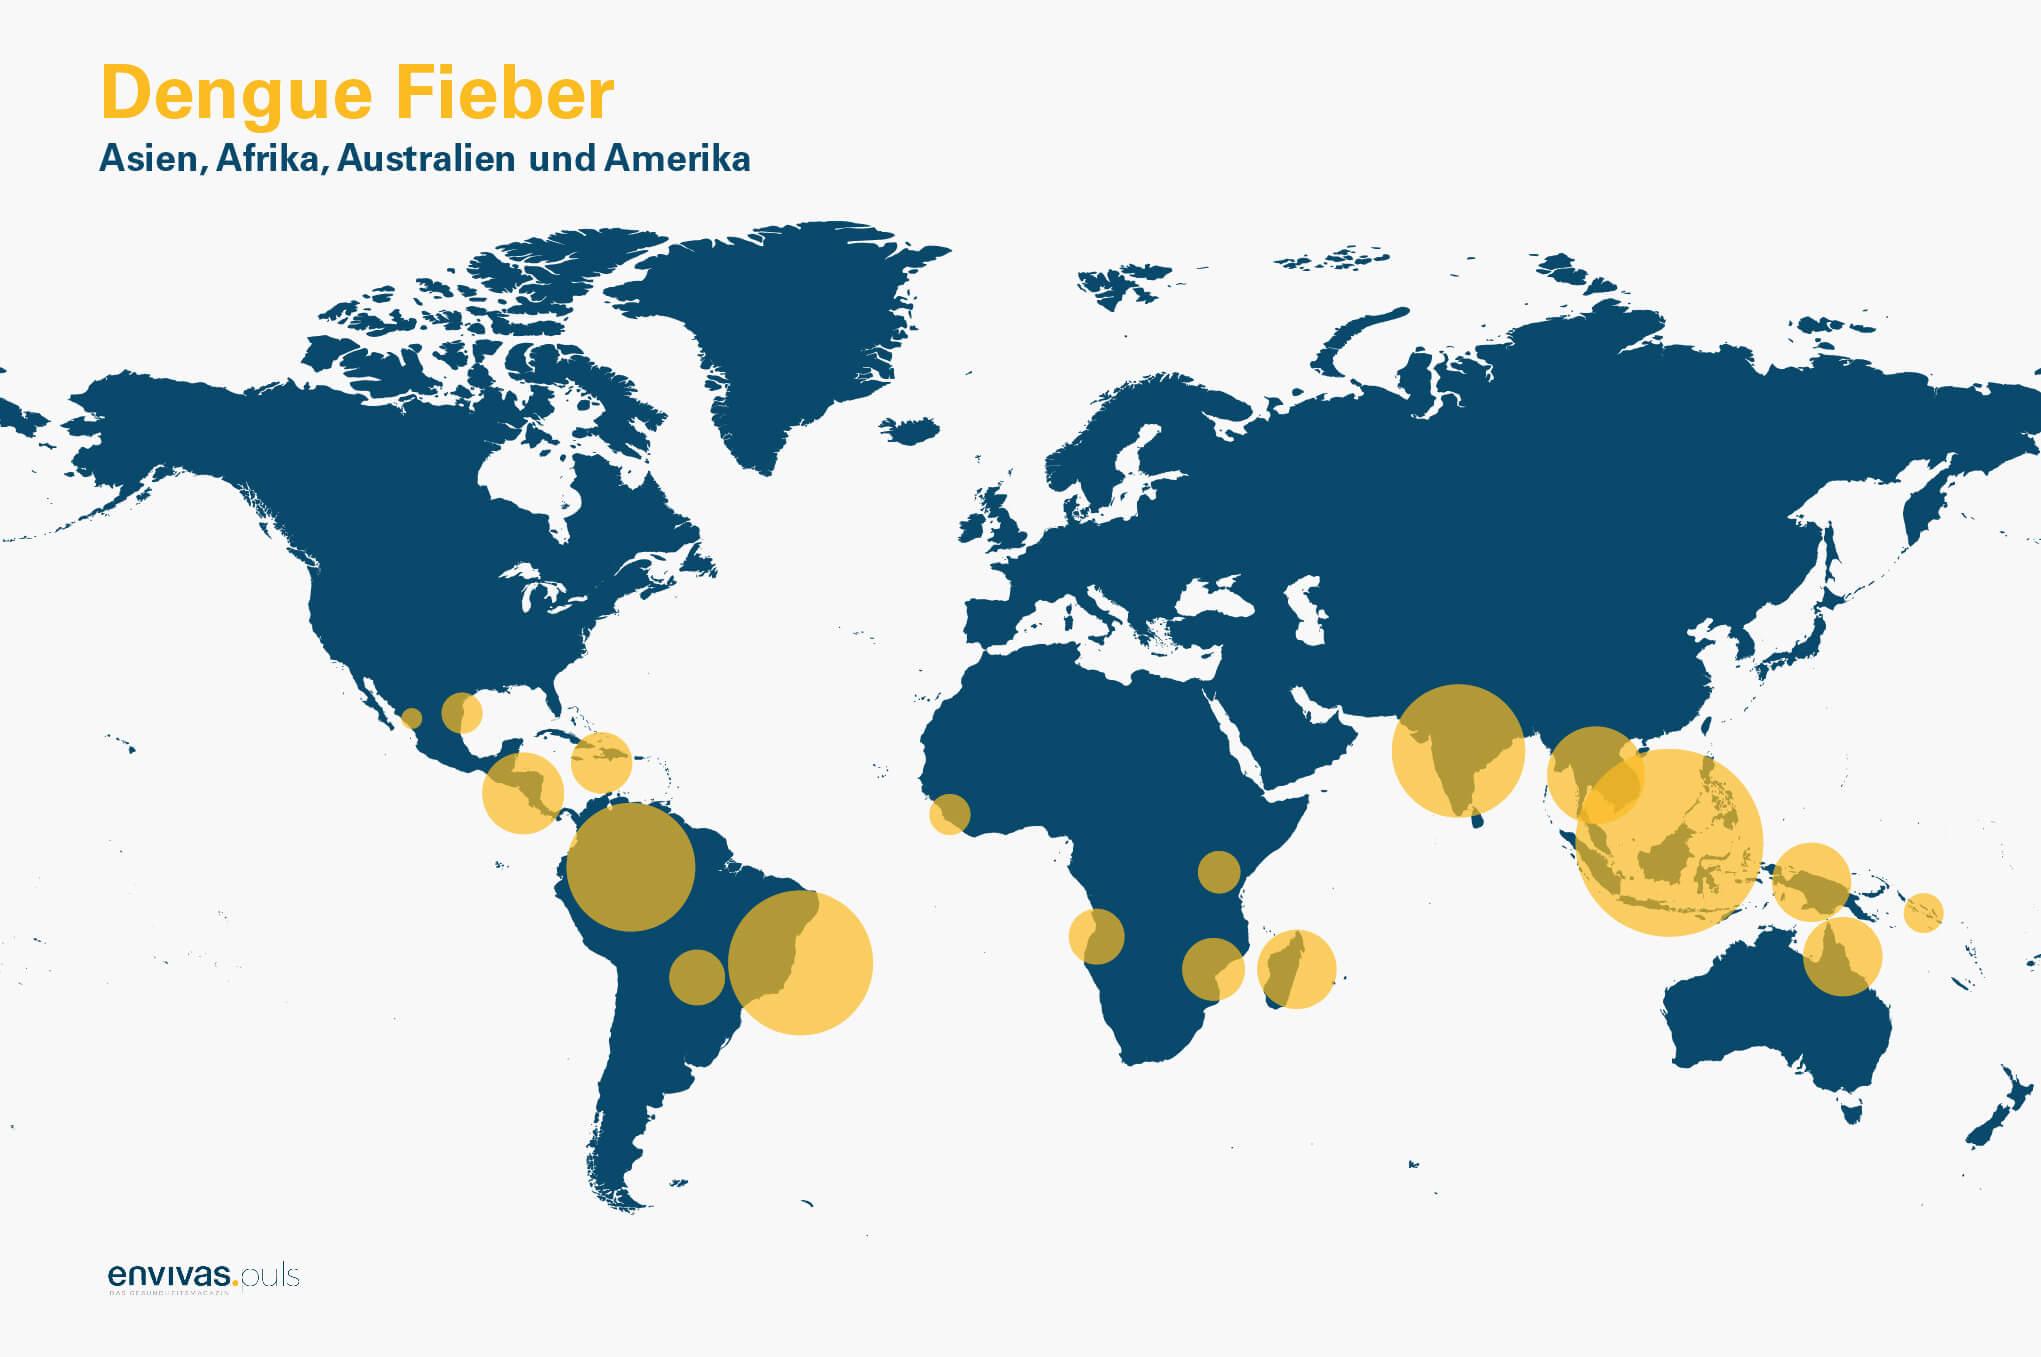 Weltkarte zeigt die Verbreitung des Dengue-Fiebers.